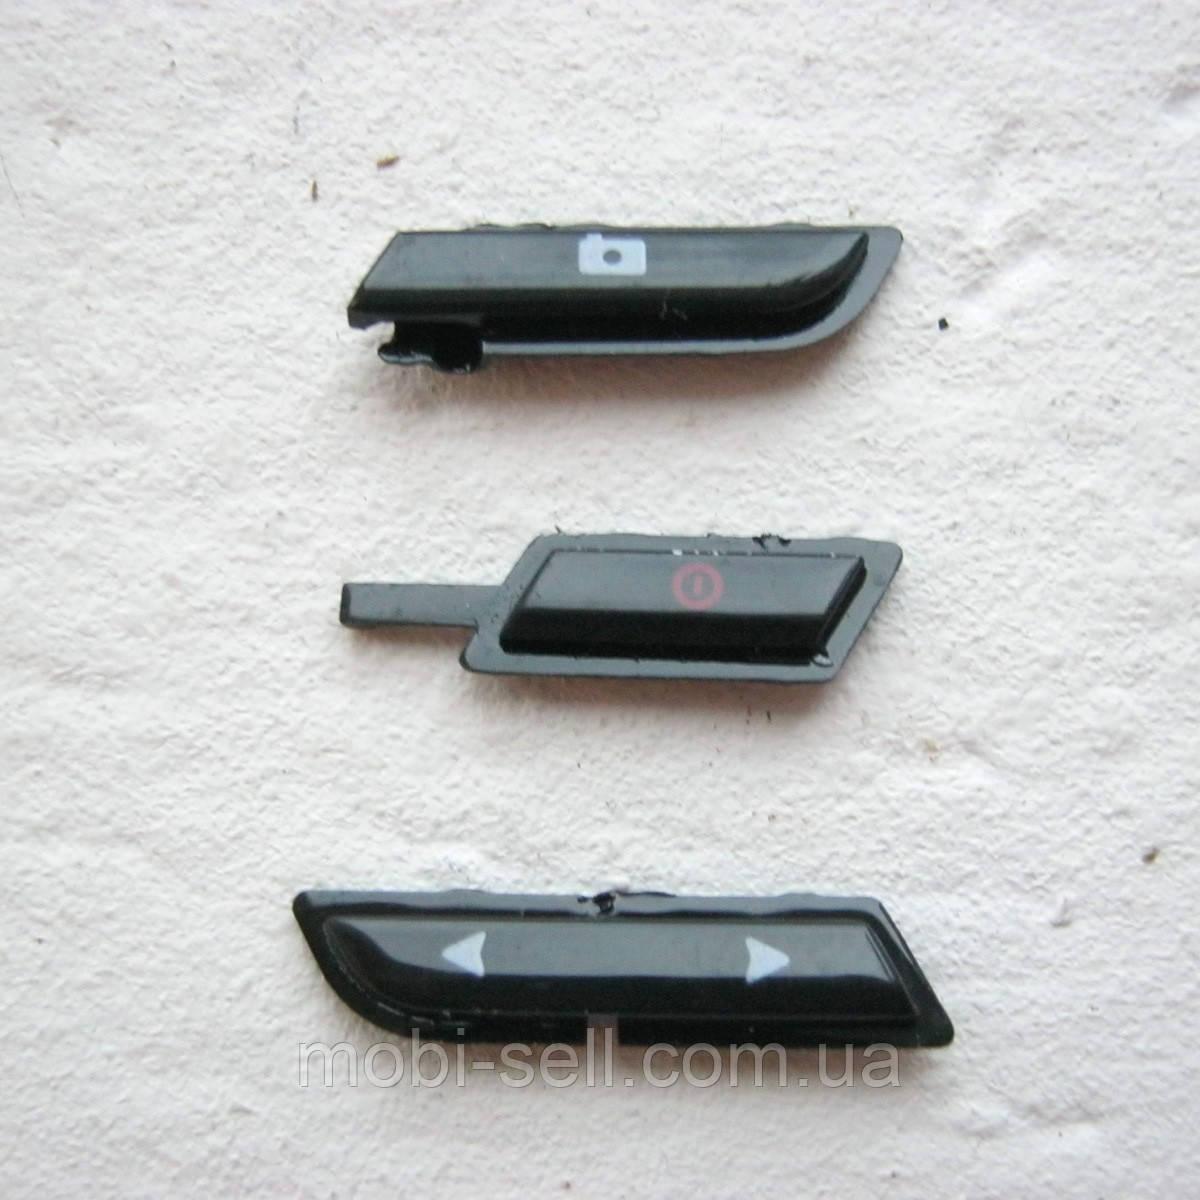 Nokia 6131 кнопки фото, громкости, включения, черные  (Б/У, оригинал, снято с разборки)